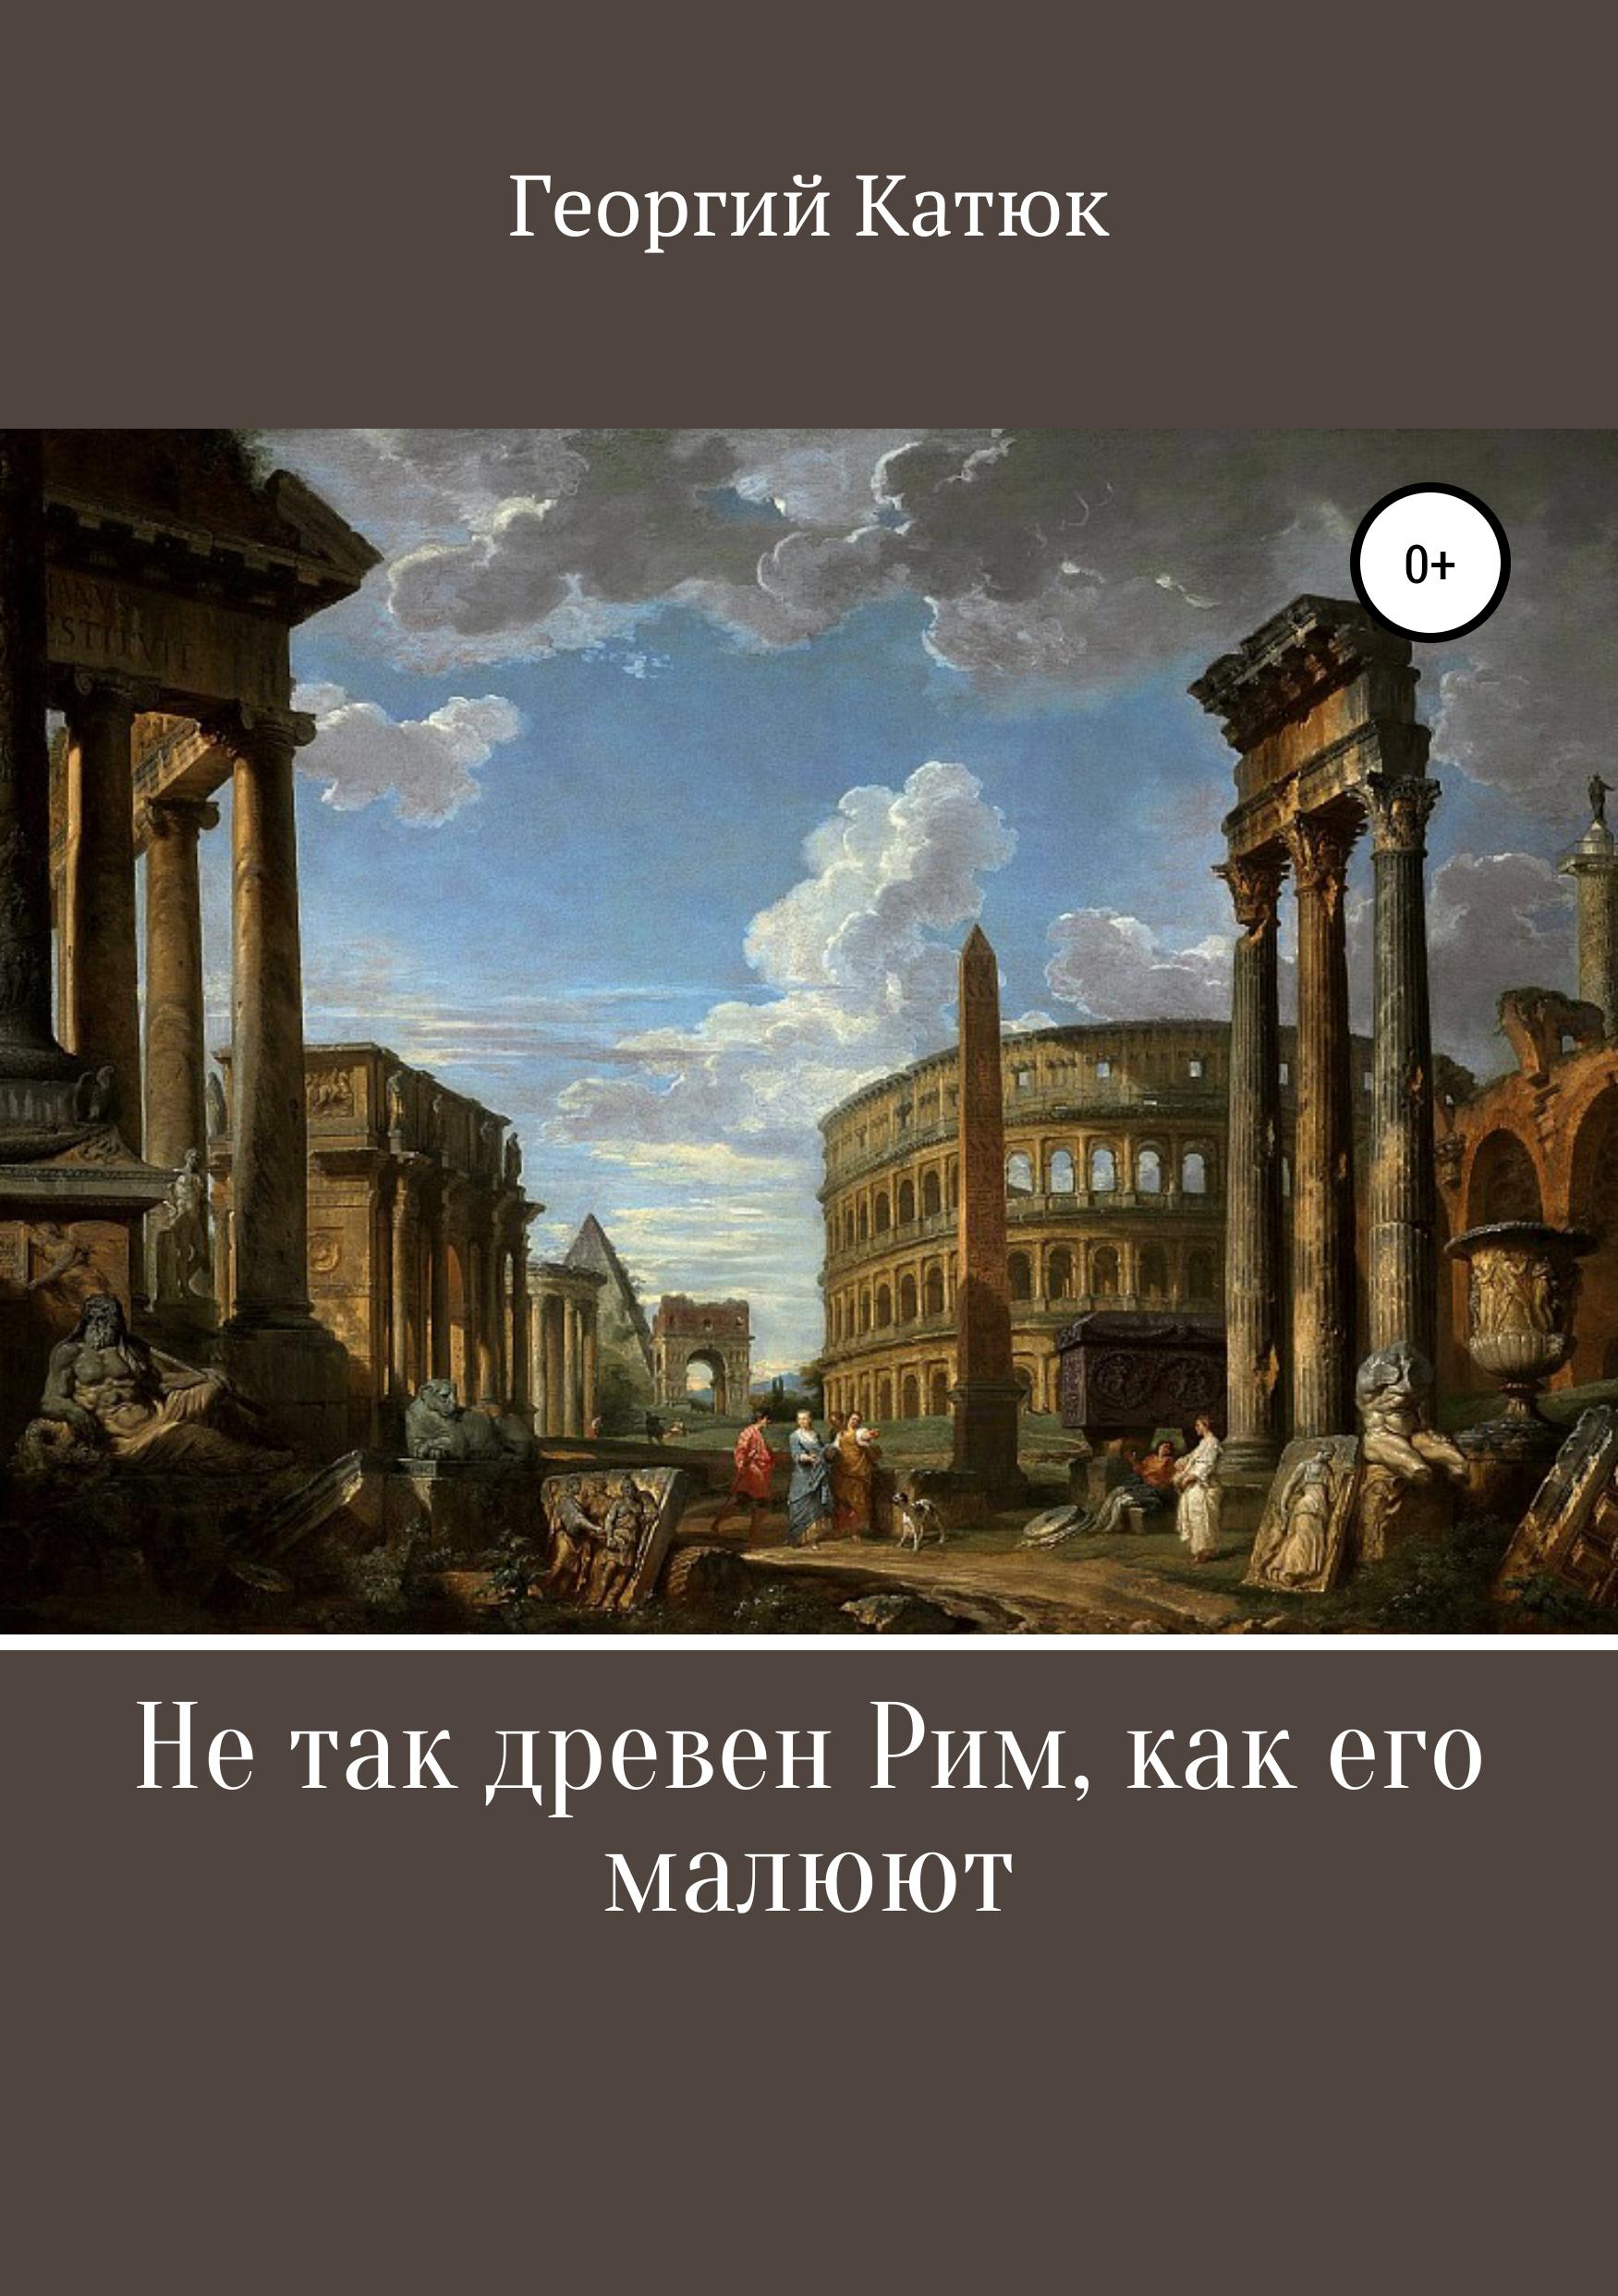 Купить книгу Не так древен Рим, как его малюют, автора Георгия Петровича Катюка